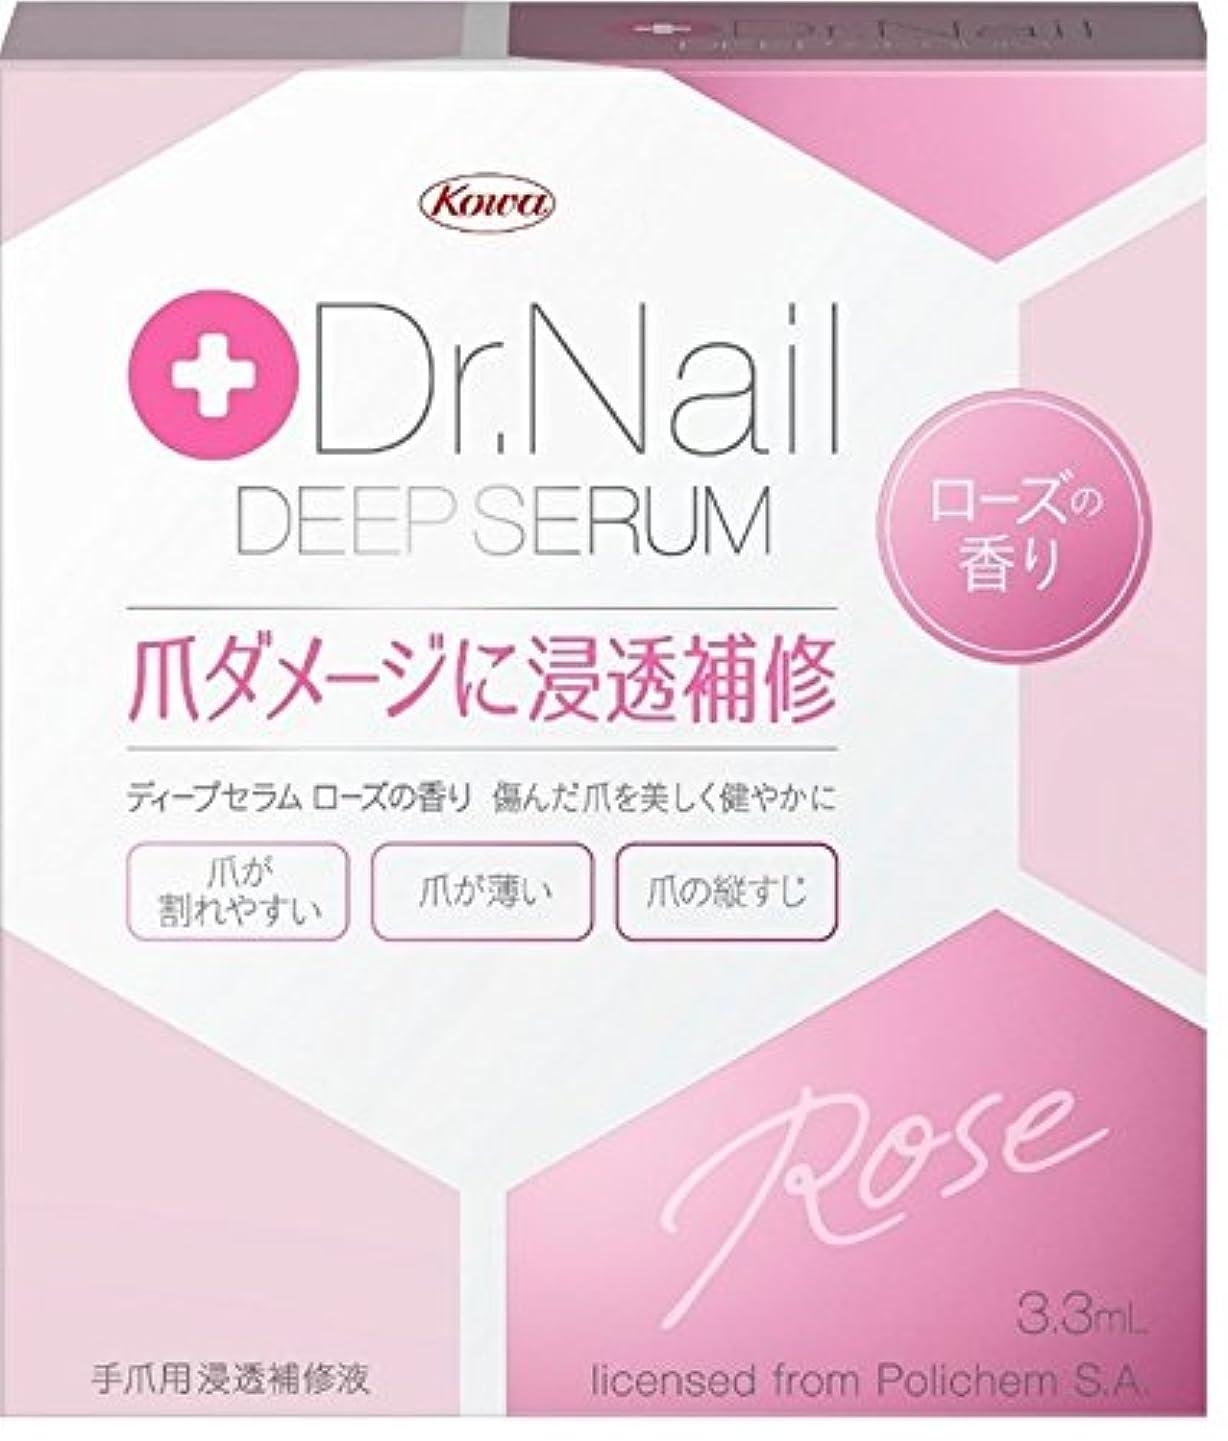 アーティスト人間グラス興和(コーワ) Dr.Nail DEEP SERUM ドクターネイル ディープセラム 3.3ml ローズの香り